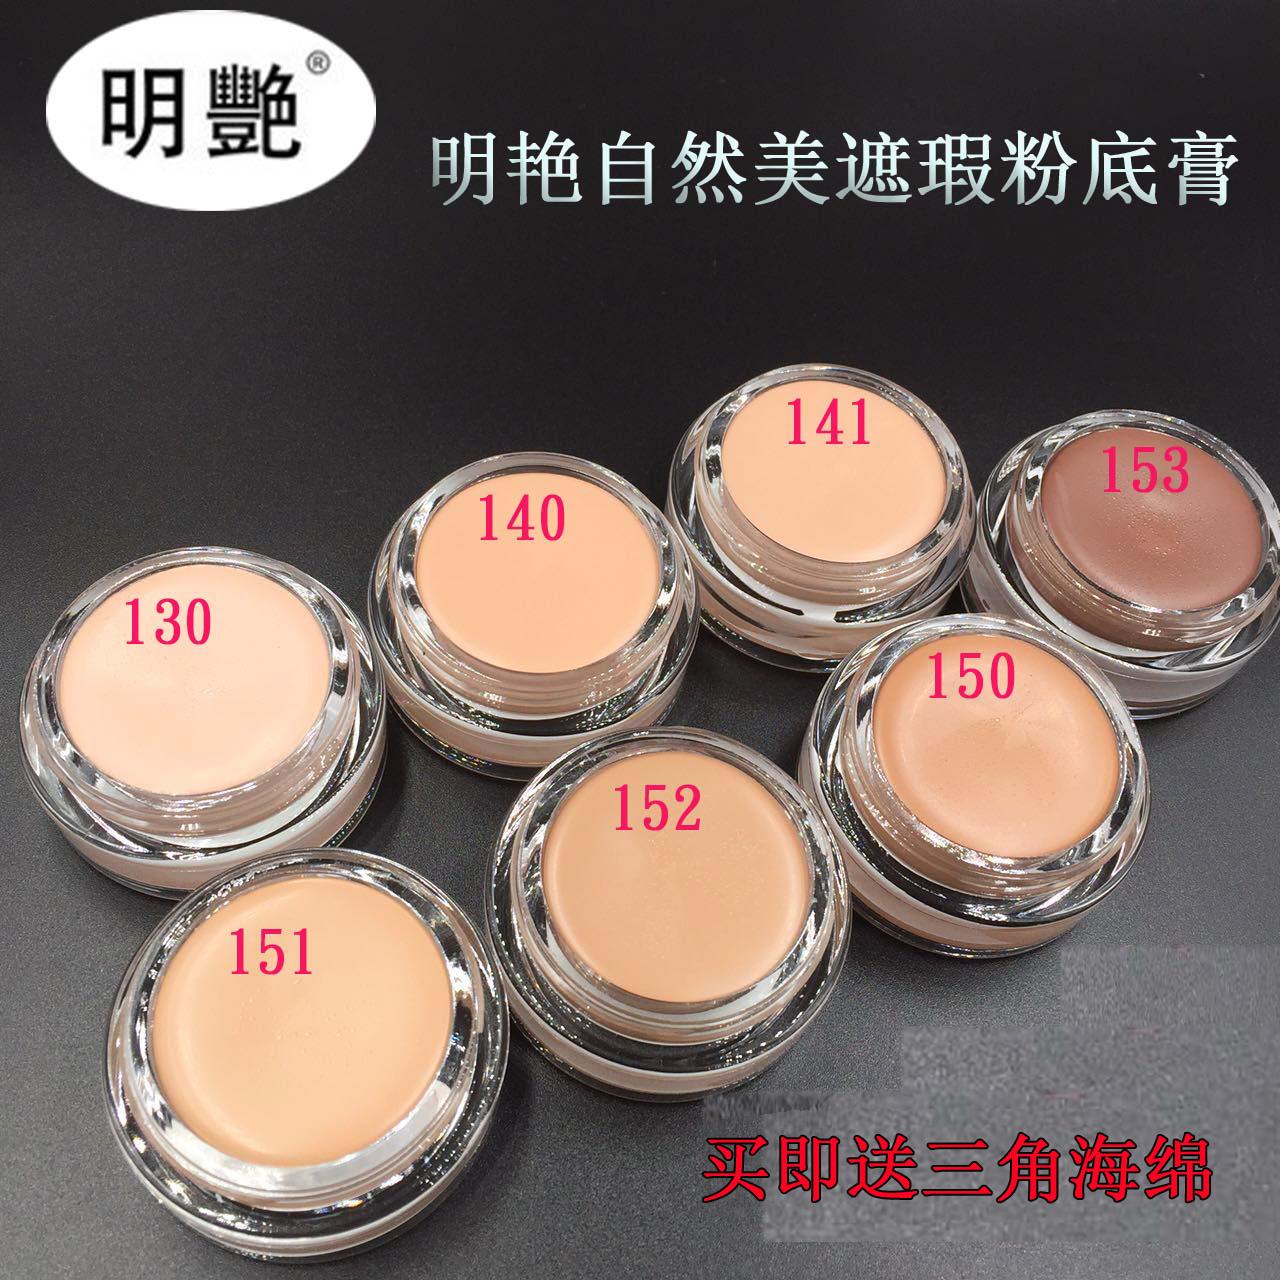 明豔正品日本粉底膏遮瑕膏名豔130亮白遮瑕140黑眼圈修飾紅血絲